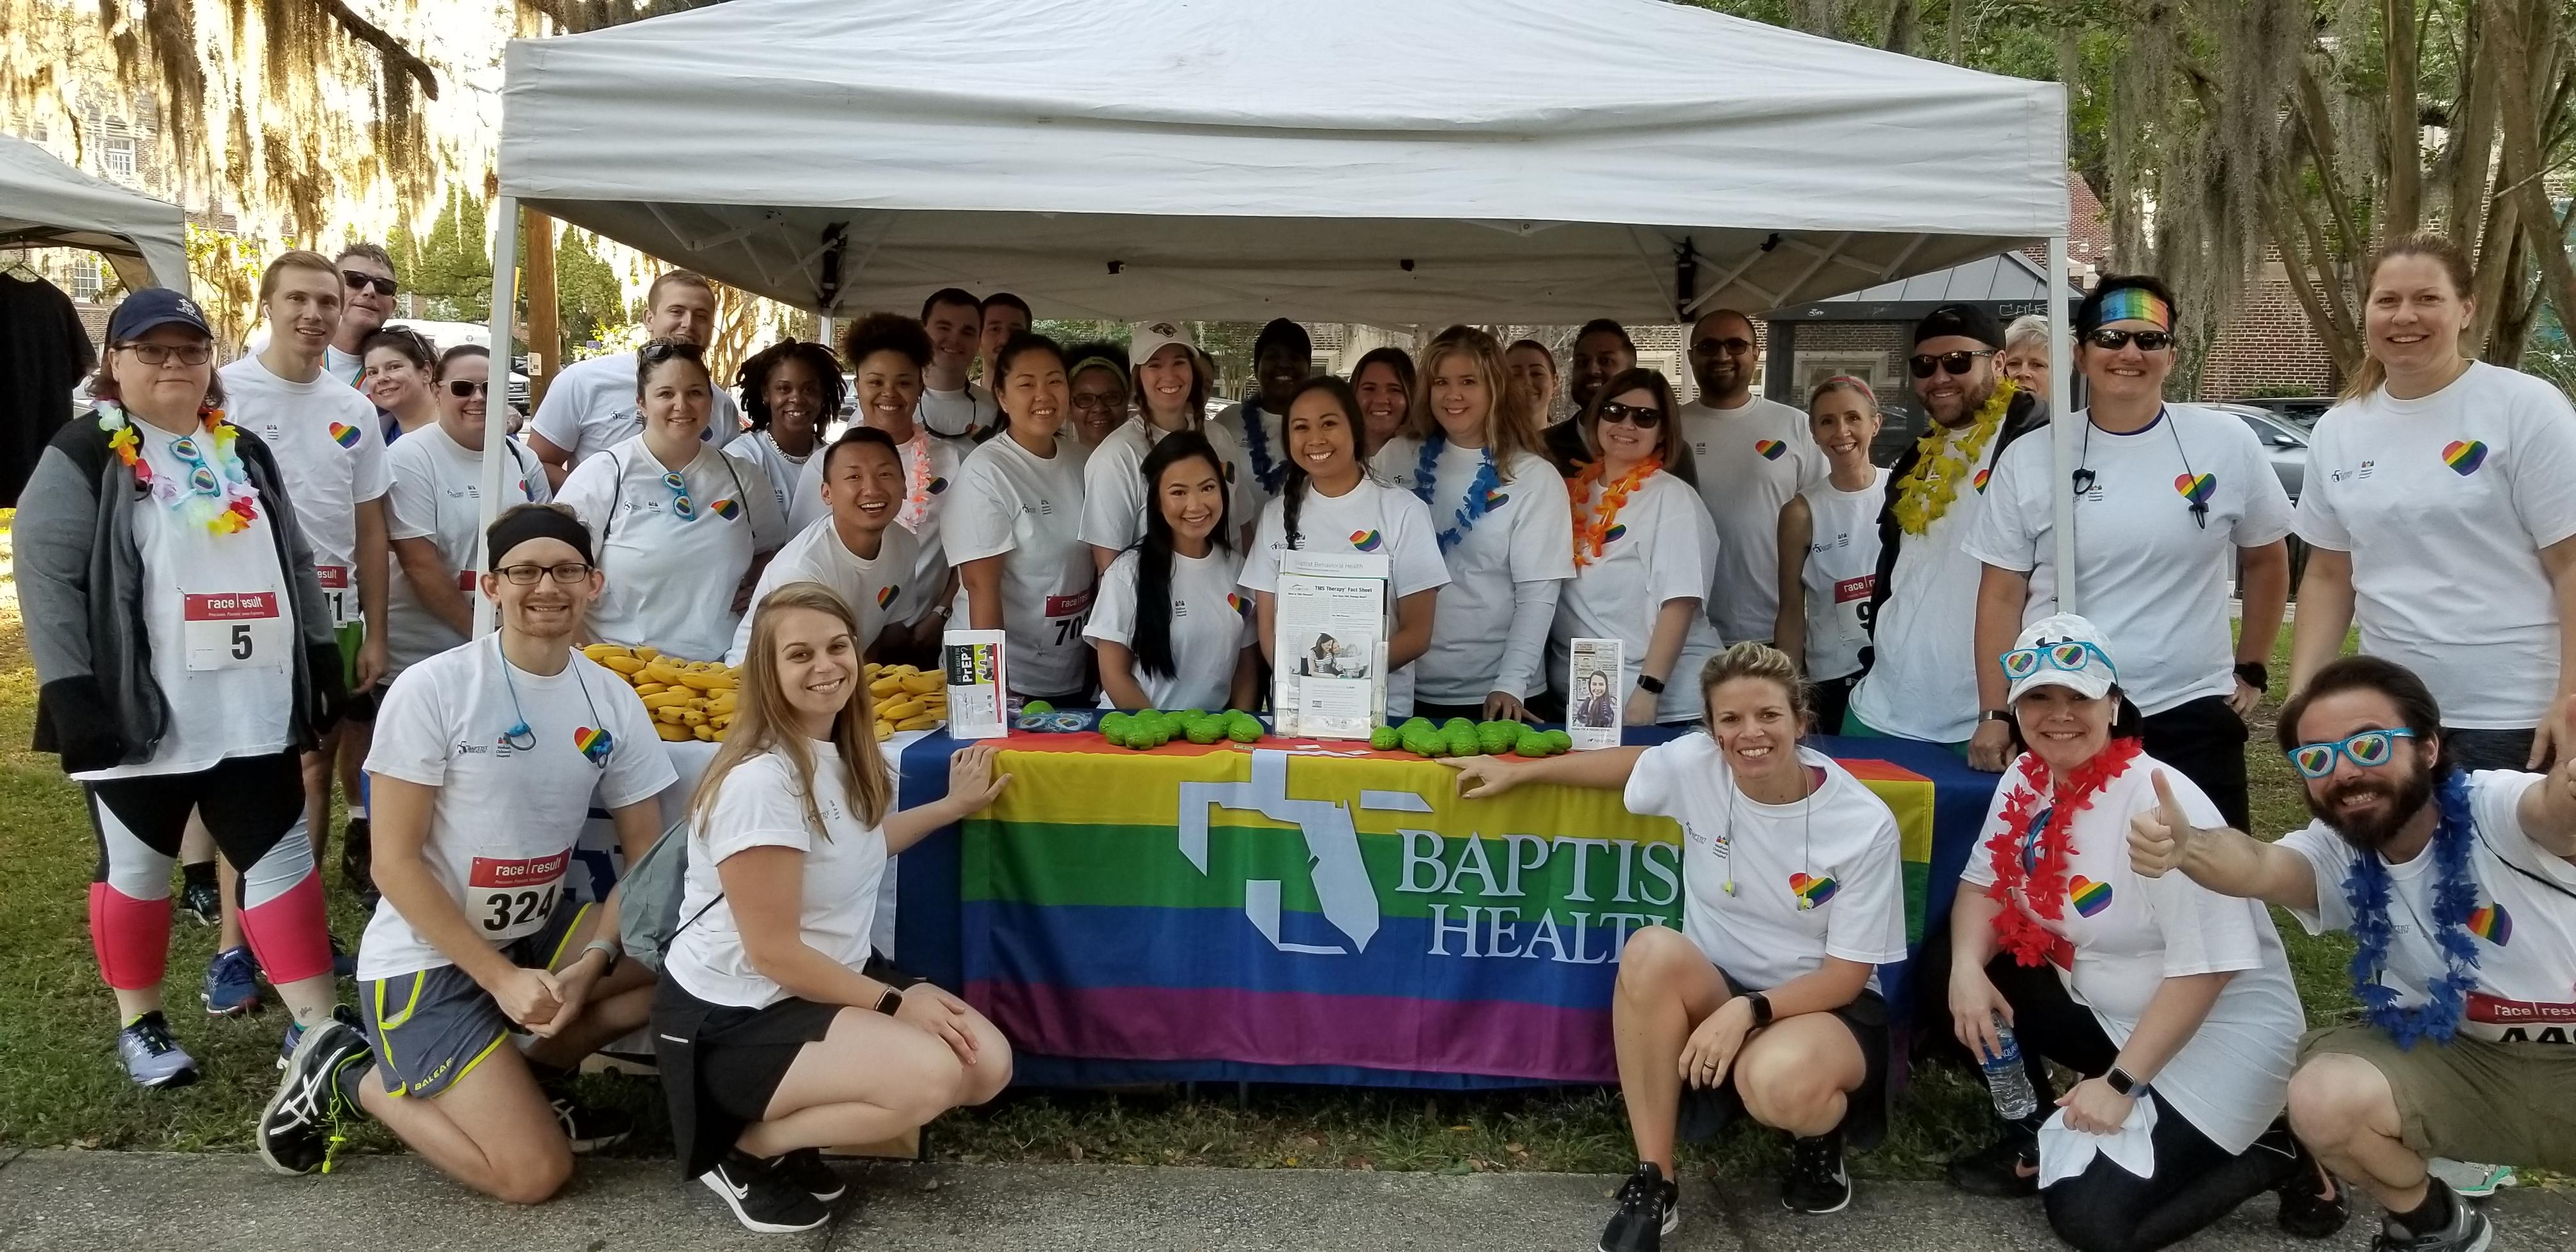 Baptist Health LGBTQ+